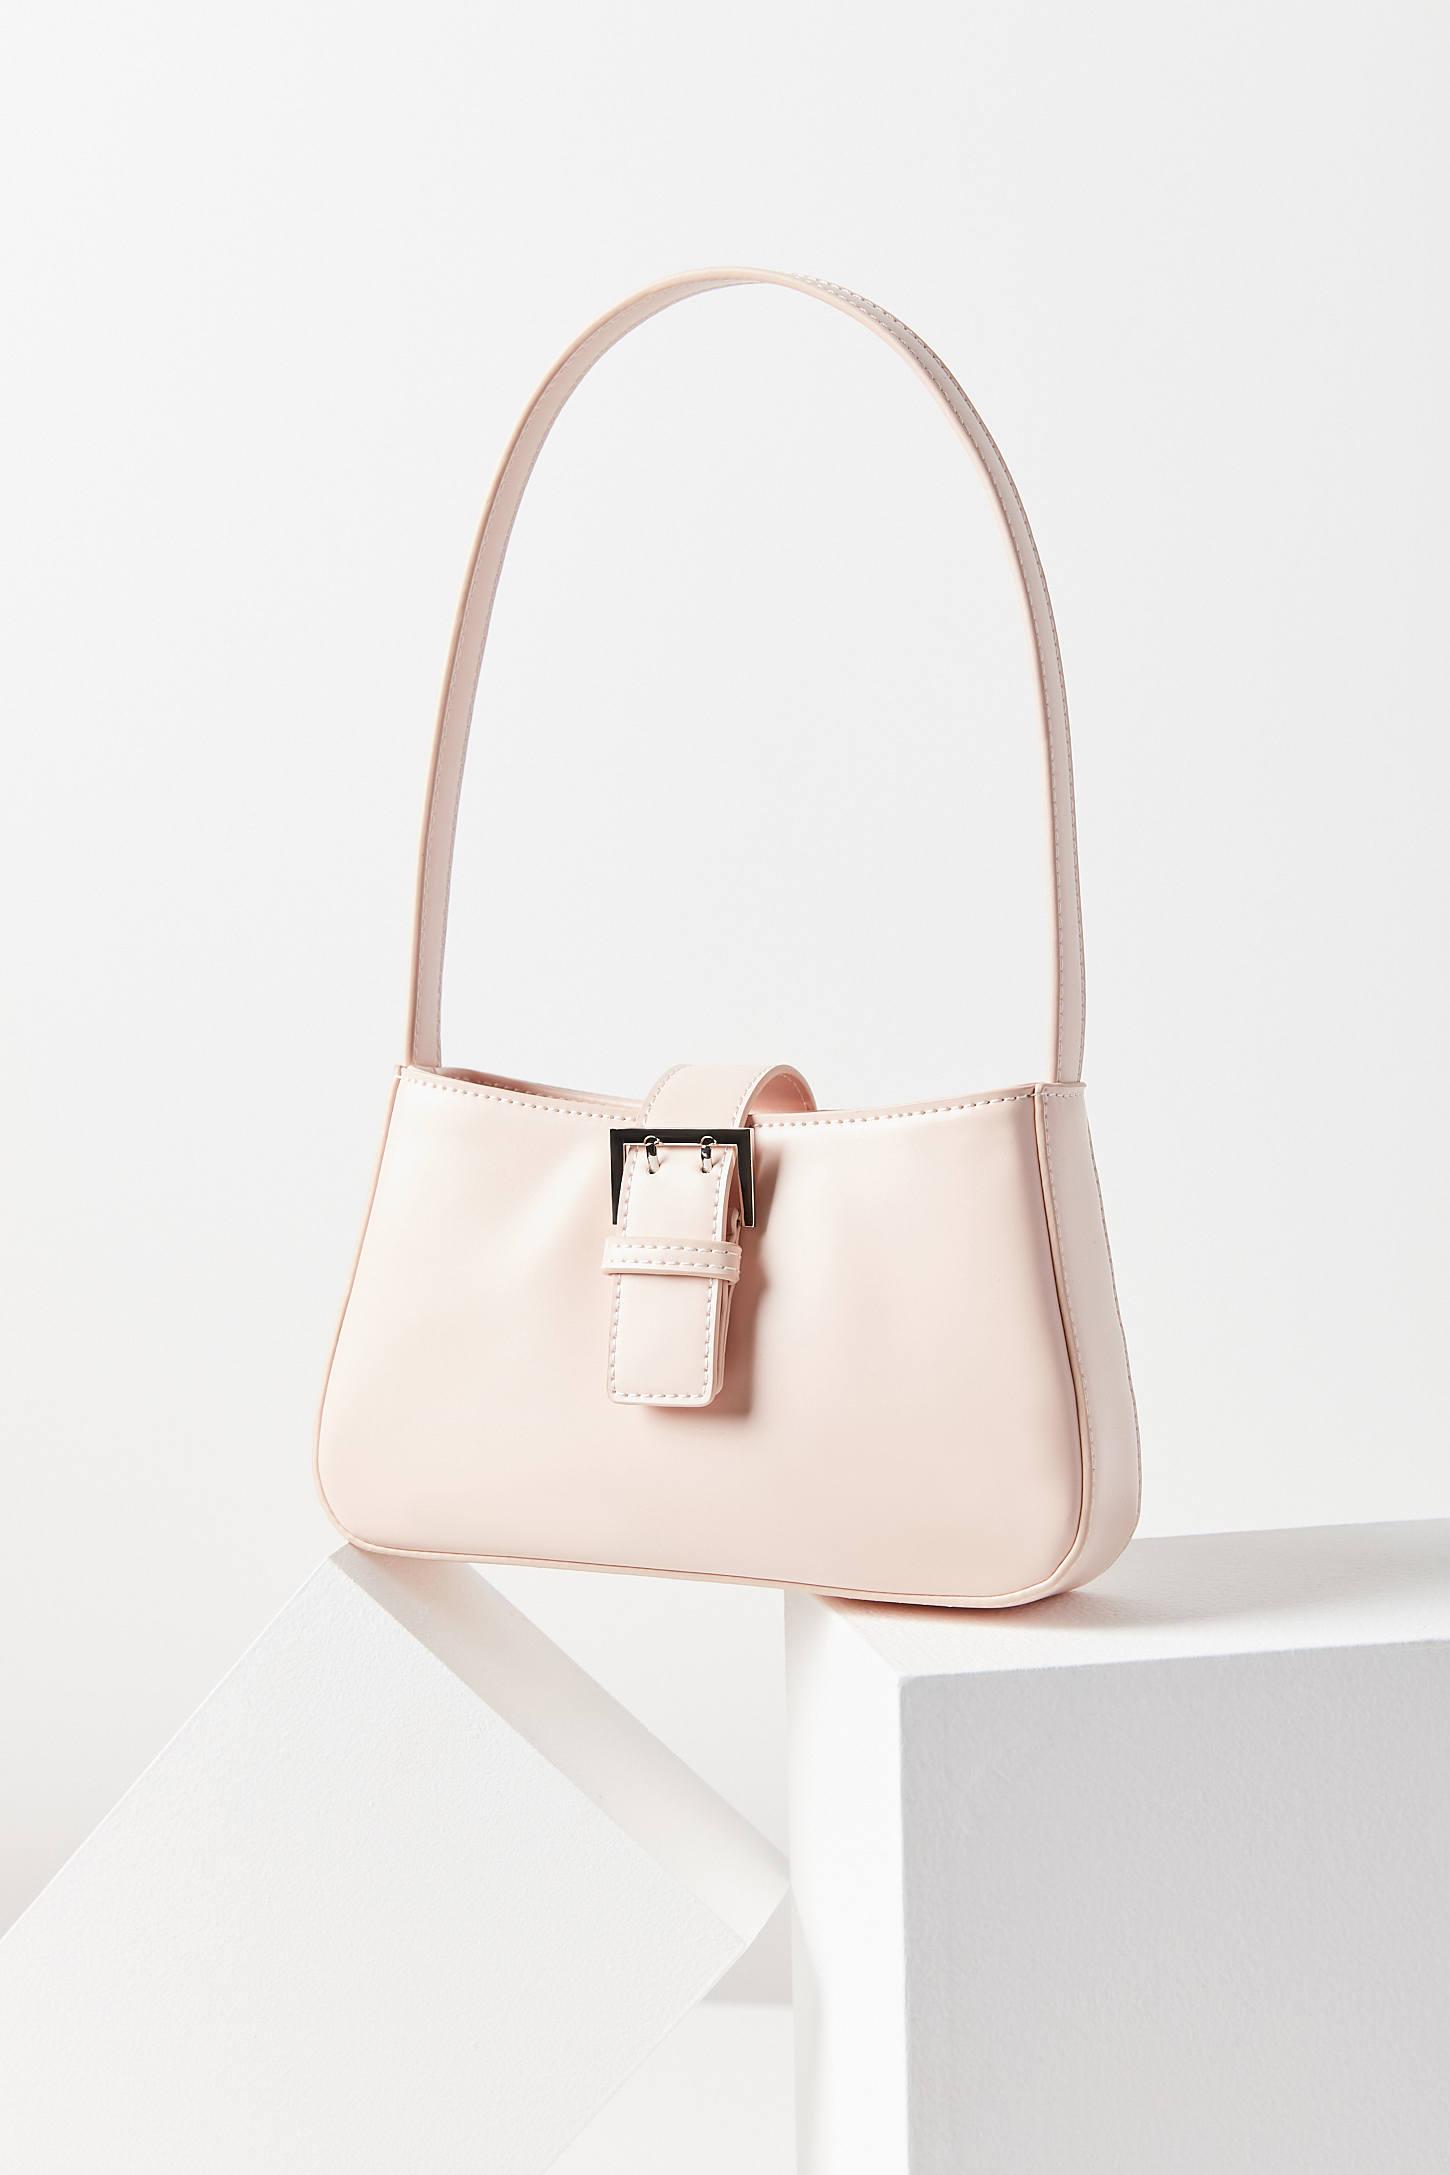 75b476e961bd Handbag Trends For Winter 2019